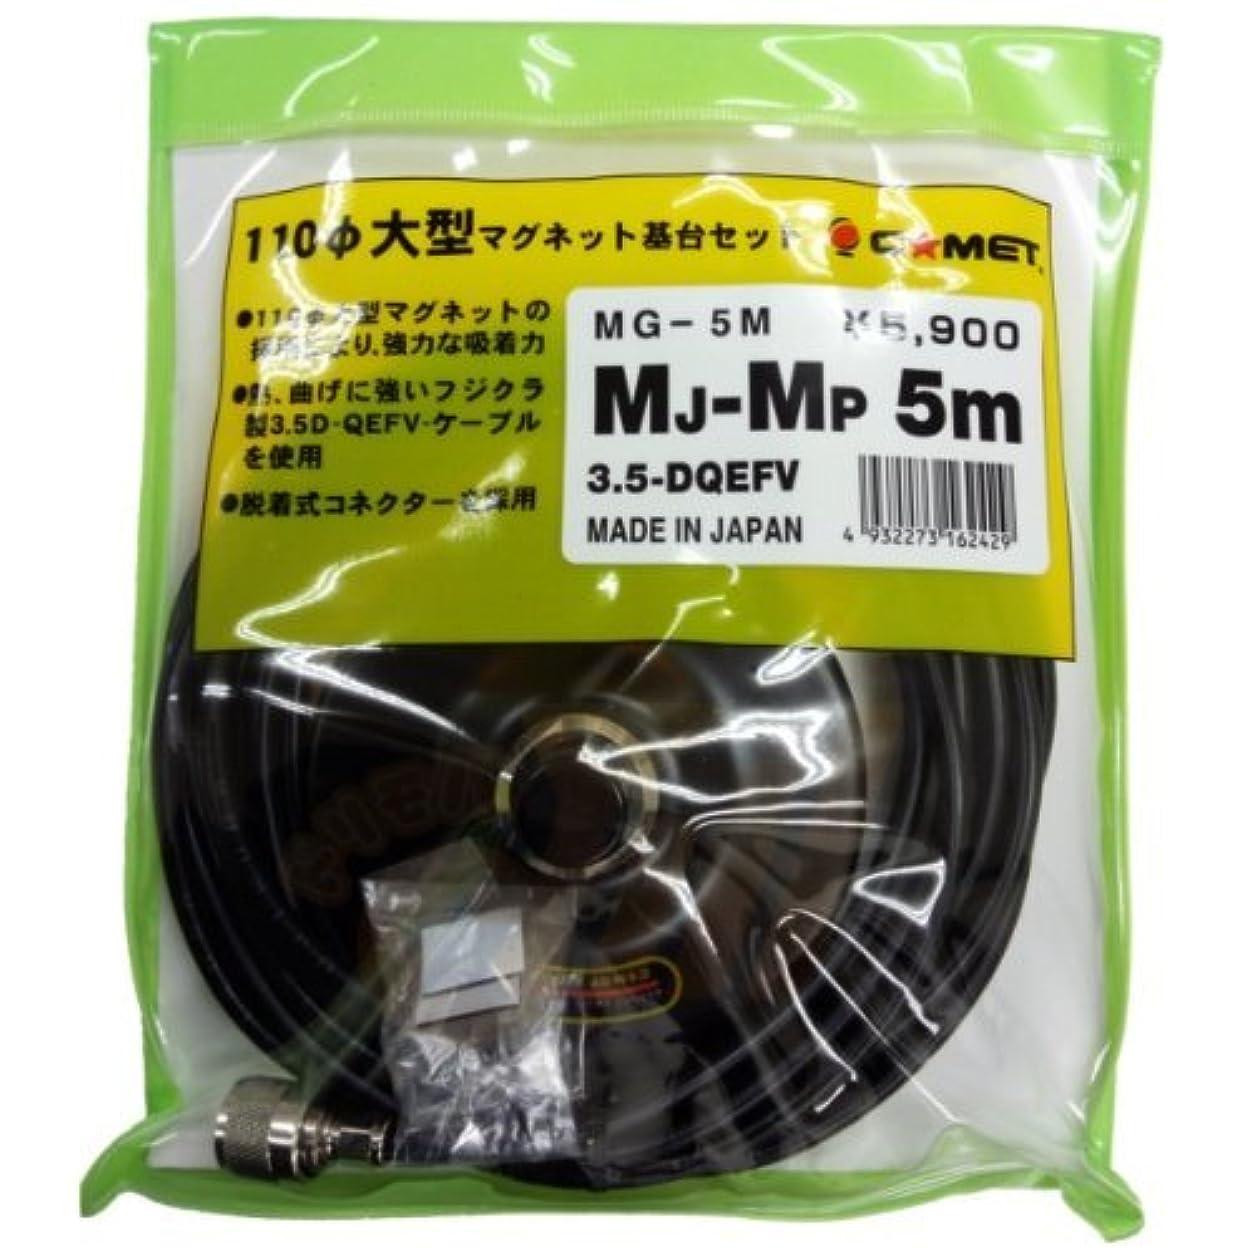 合唱団担当者ヒットCOMET コメット 大型マグネット基台セット MG-5M